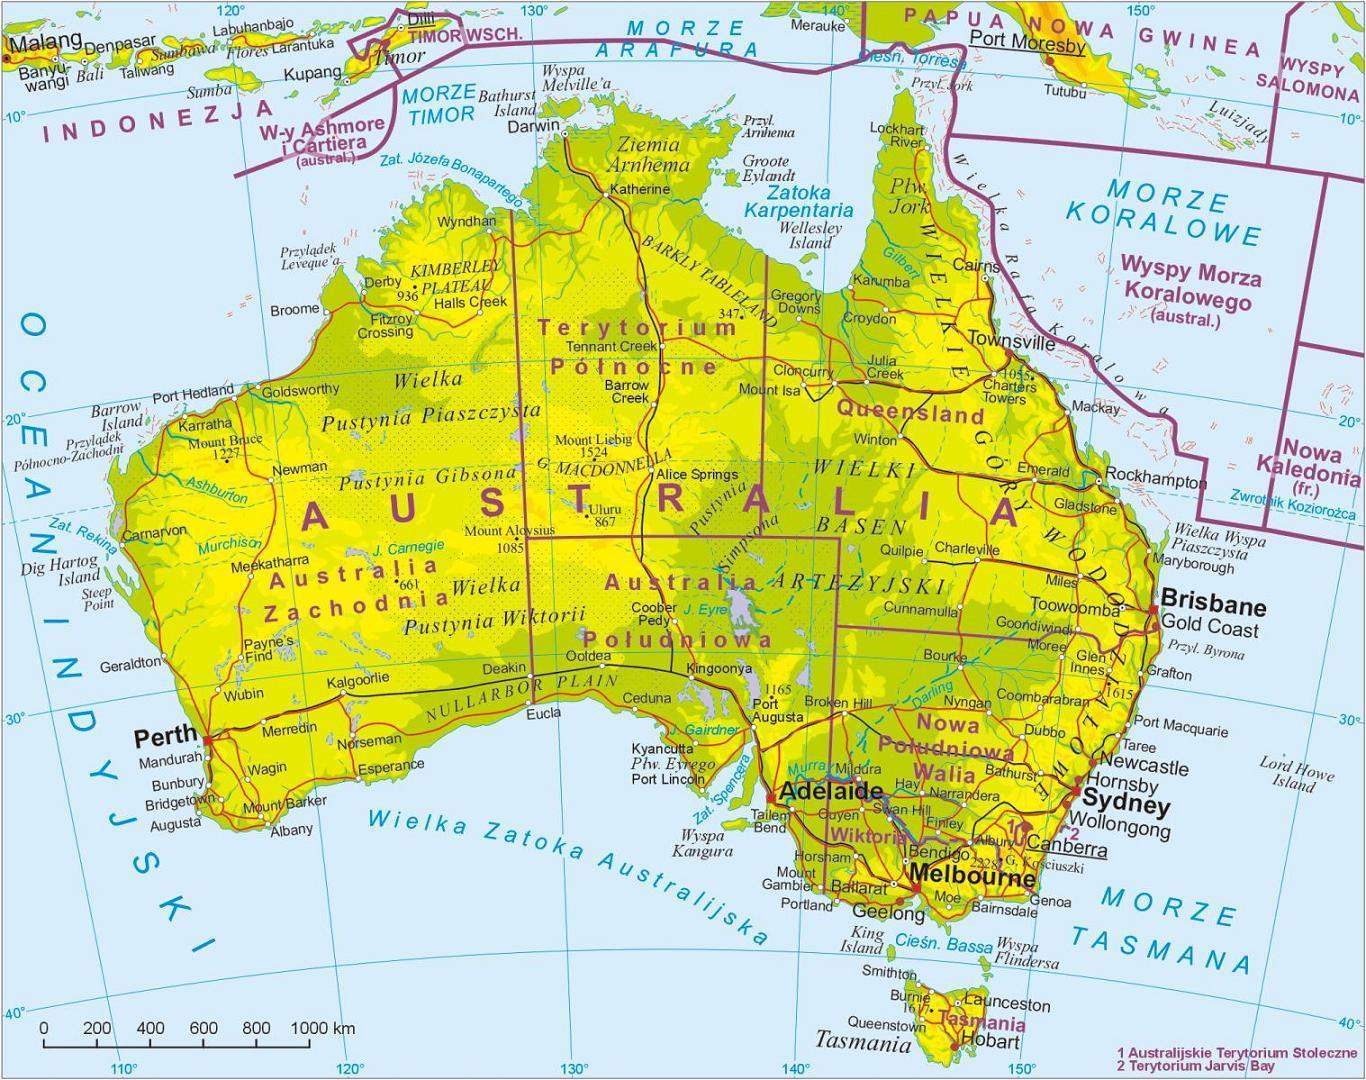 http://4.bp.blogspot.com/_bVJuZubO744/TQPY4jbstaI/AAAAAAAAAjA/cABseXEzexo/s1600/australia_mapa.jpg